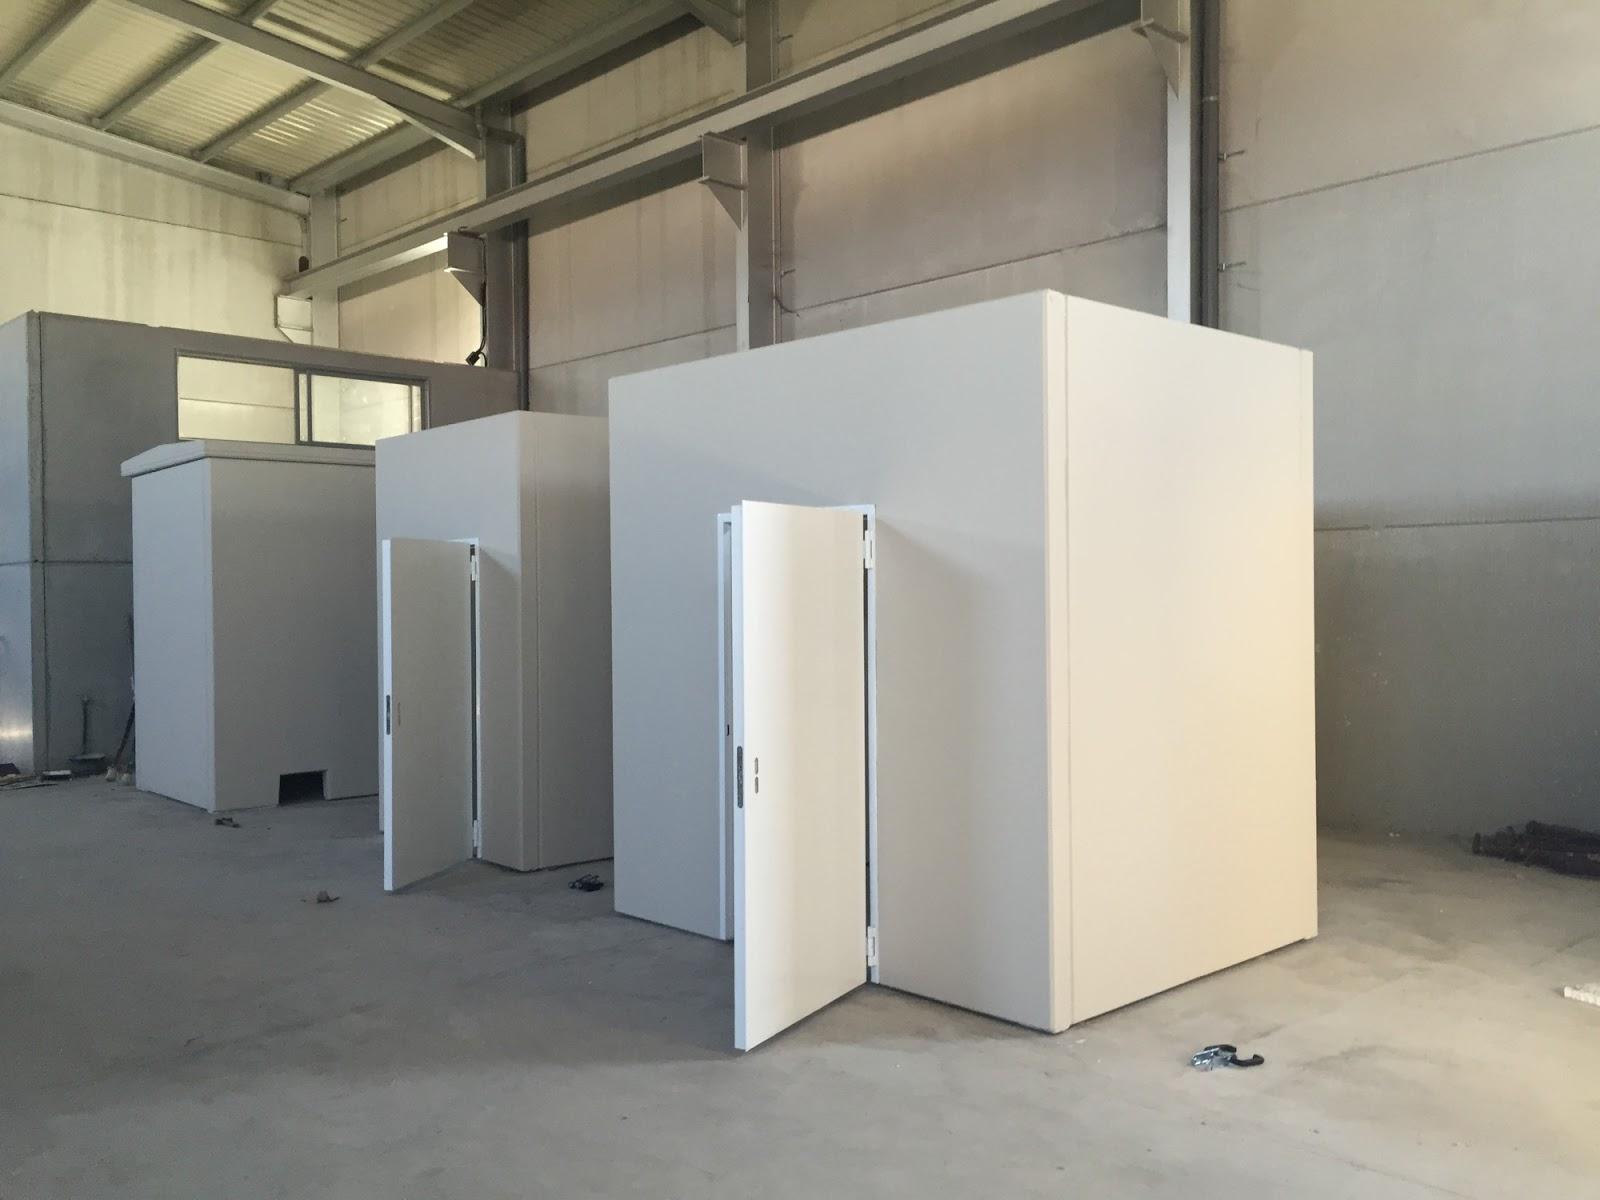 Casas y casetas prefabricadas de hormig n armado for Casetas para huertos baratas